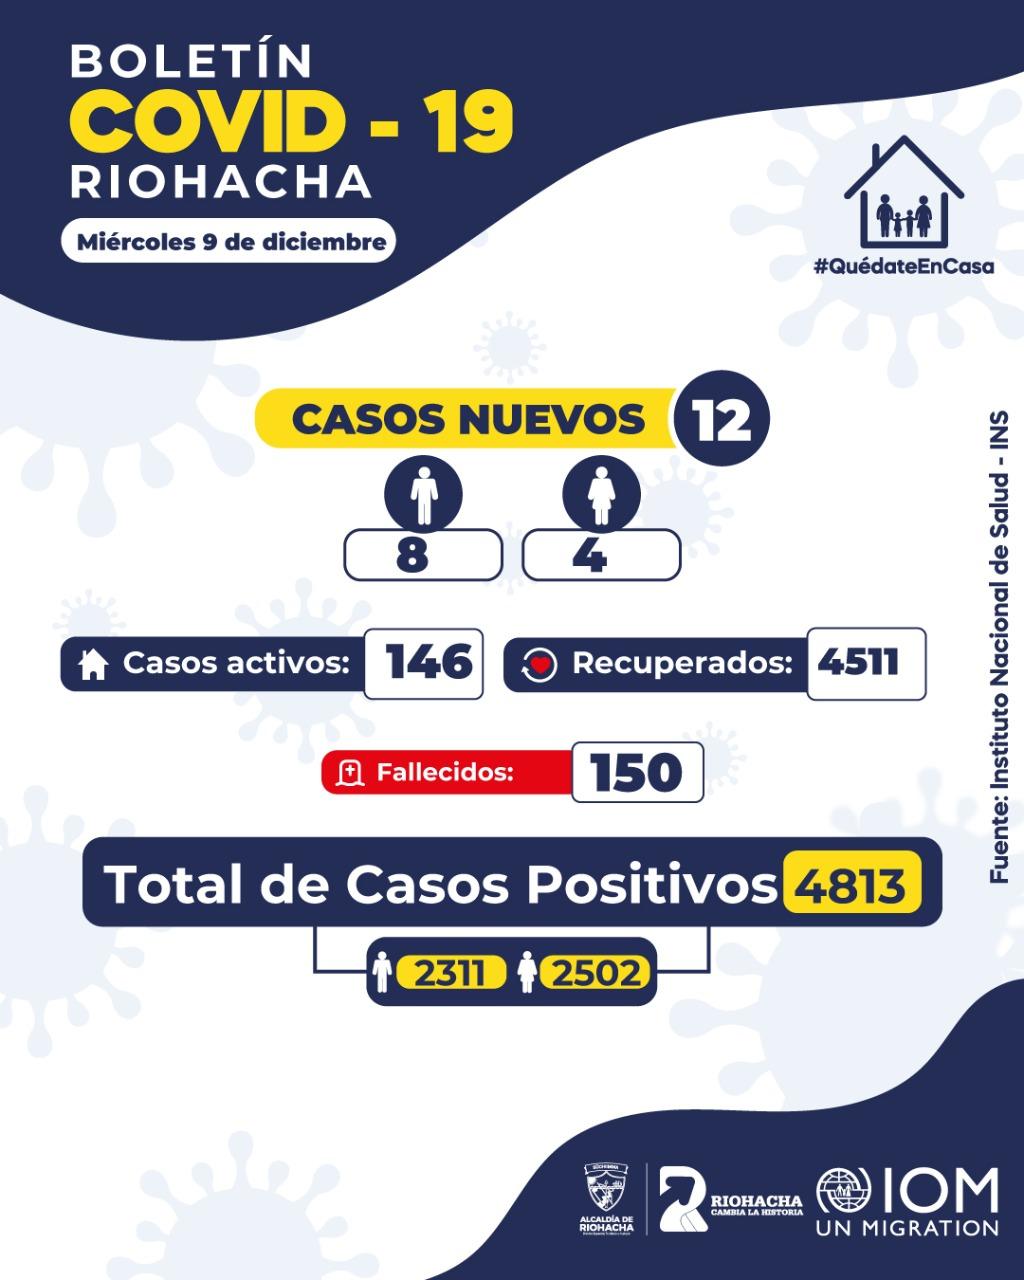 https://www.notasrosas.com/Covid-19 en el Distrito de Riohacha: 09-12-2020